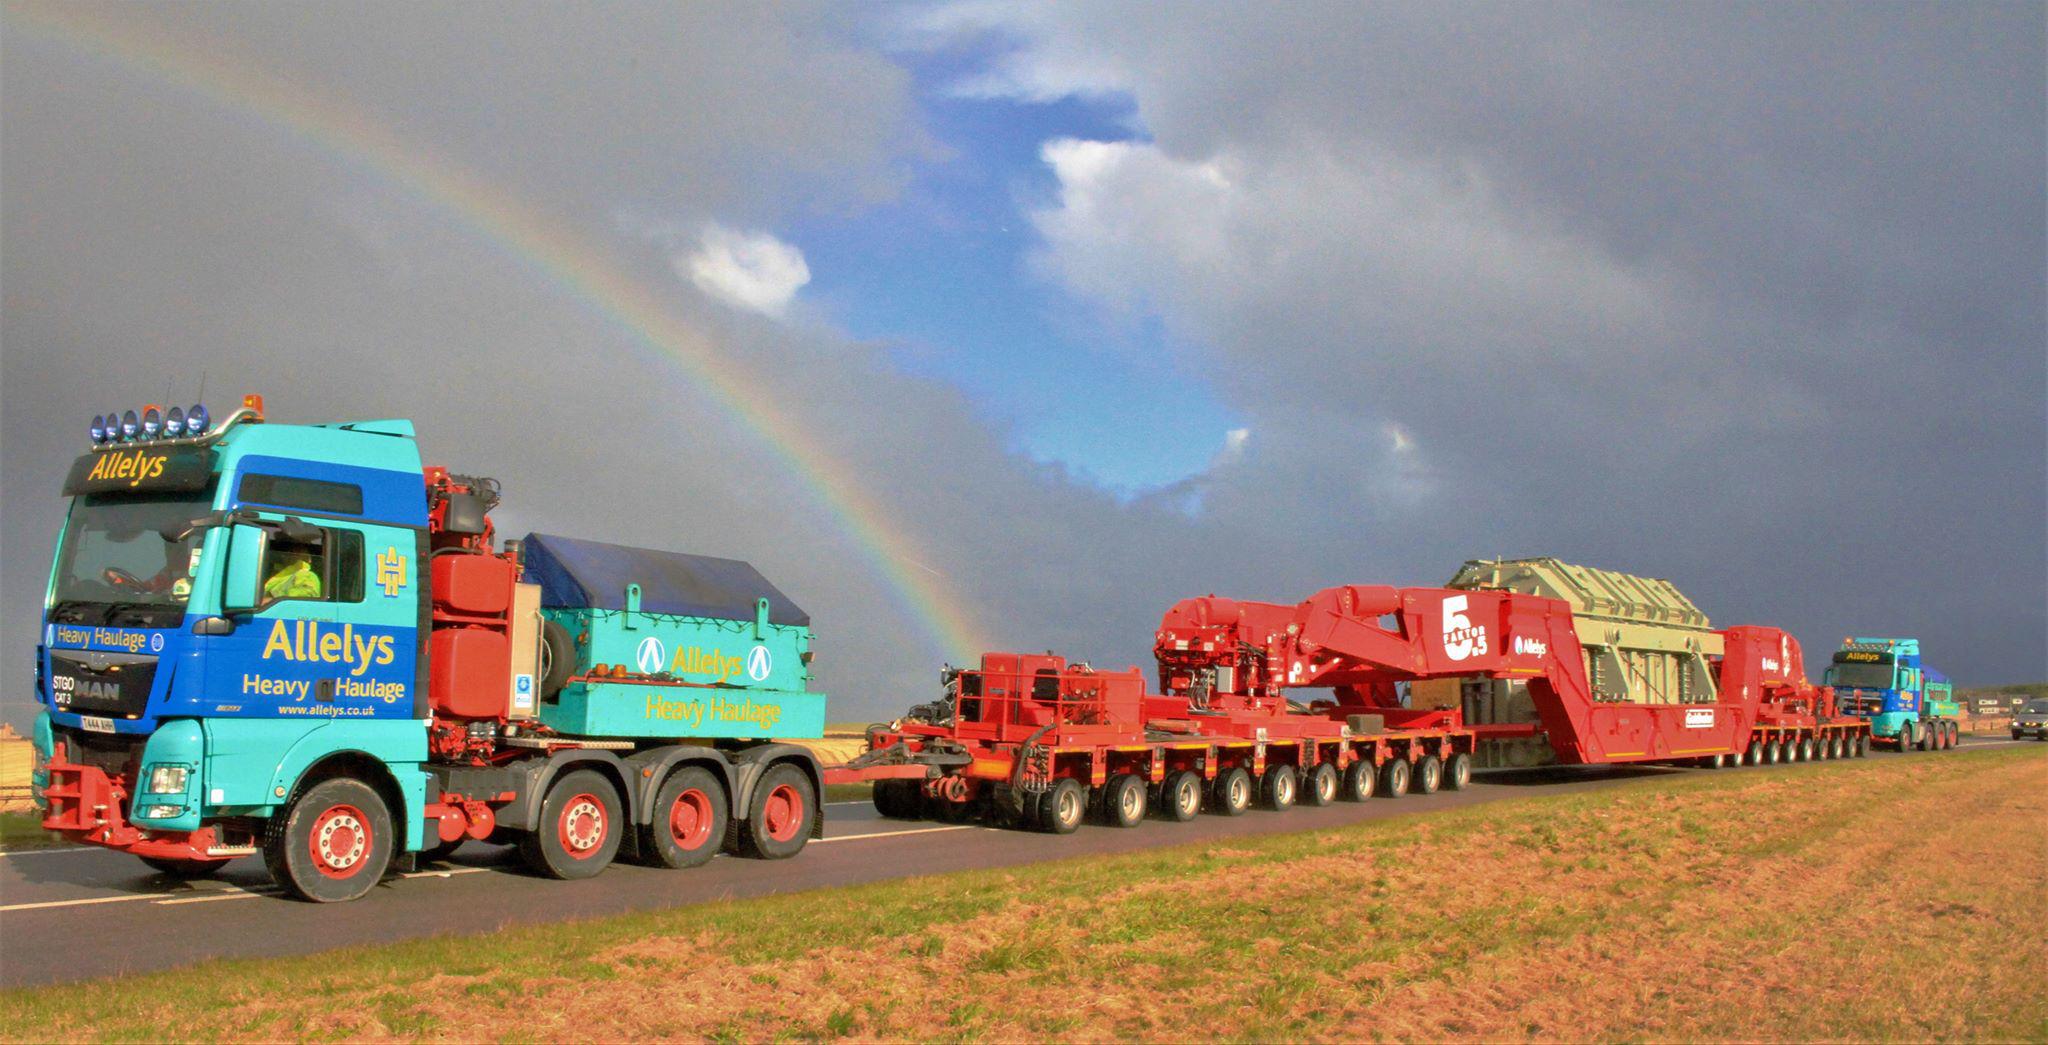 Girder frame trailer used for abnormal load transport